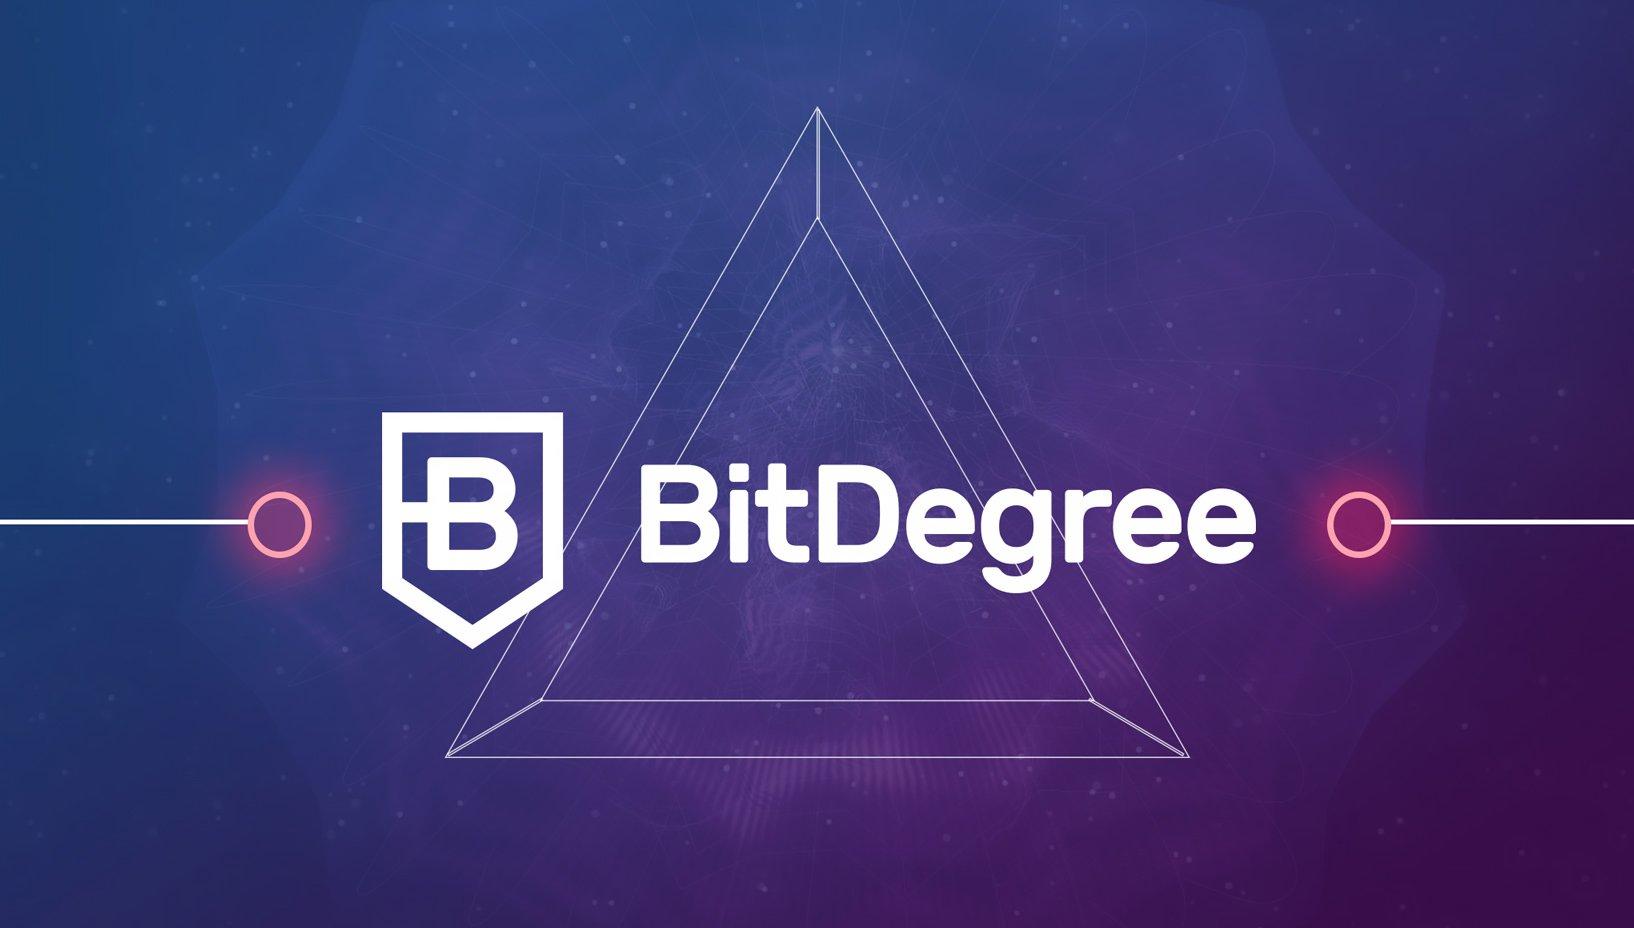 أفضل 50 كورس من Bitdegree بسعر أقل من 2.5$ ( مع شهادة )